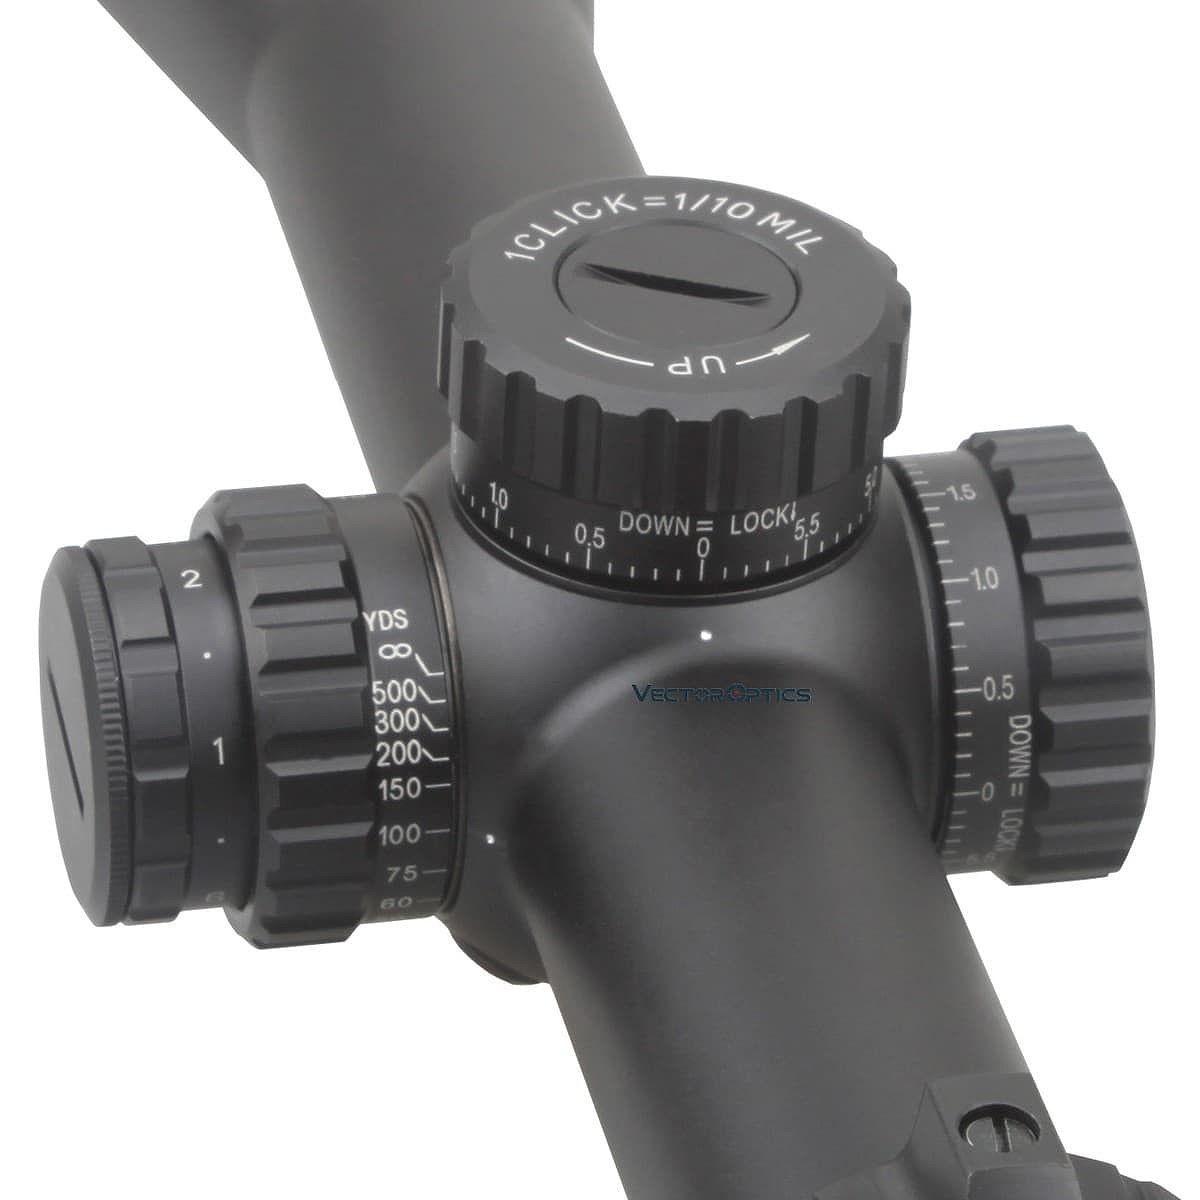 【お届け予定日: 5月30日】ベクターオプティクス ライフルスコープ Taurus 4-24x50  Vector Optics SCFF-17